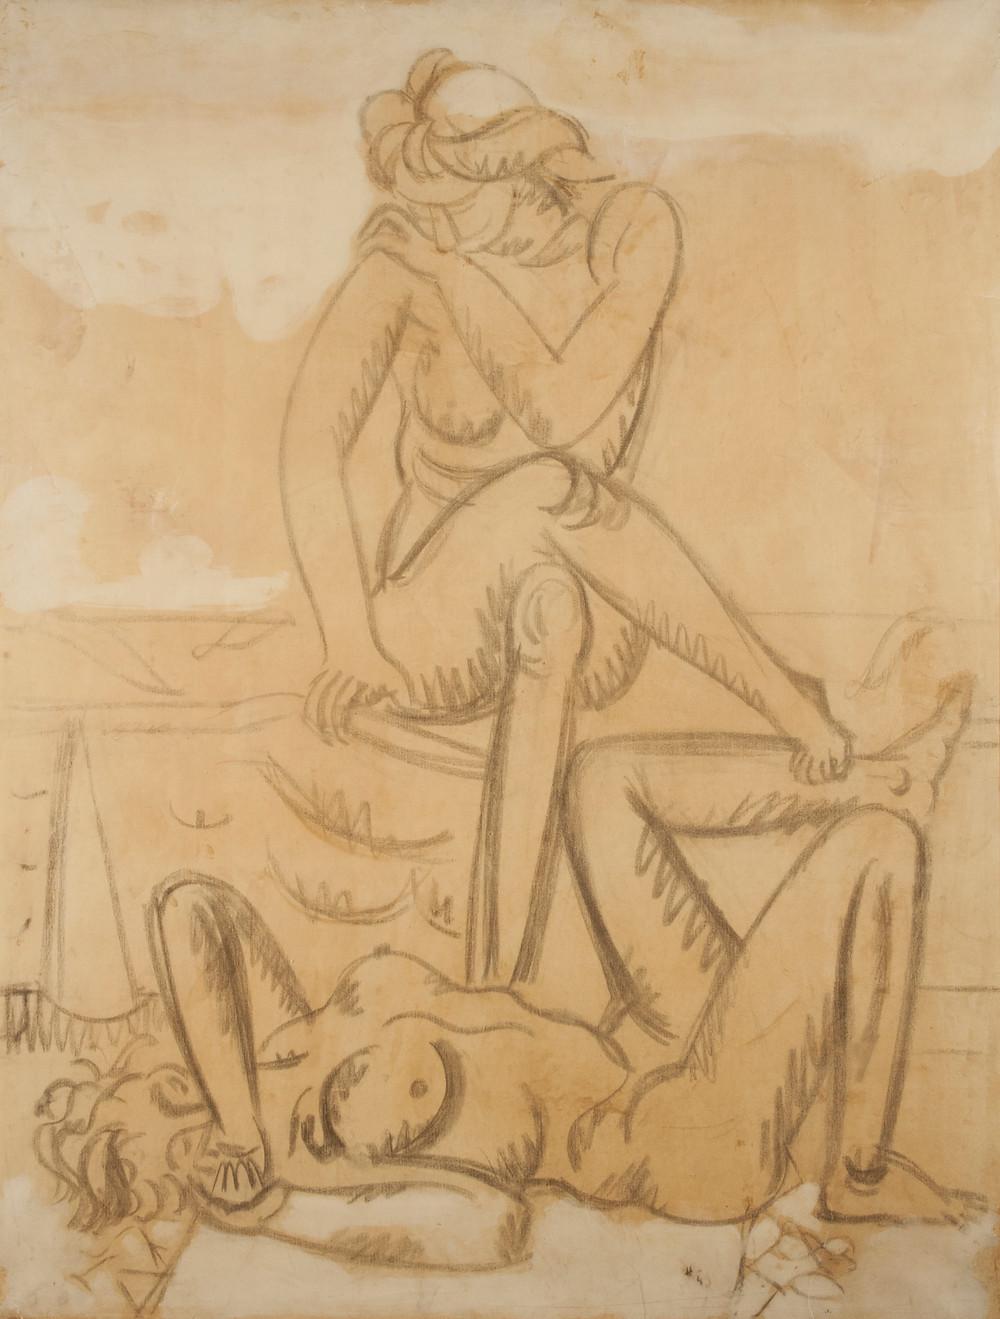 Dessin au fusain du peintre Jean Hélion